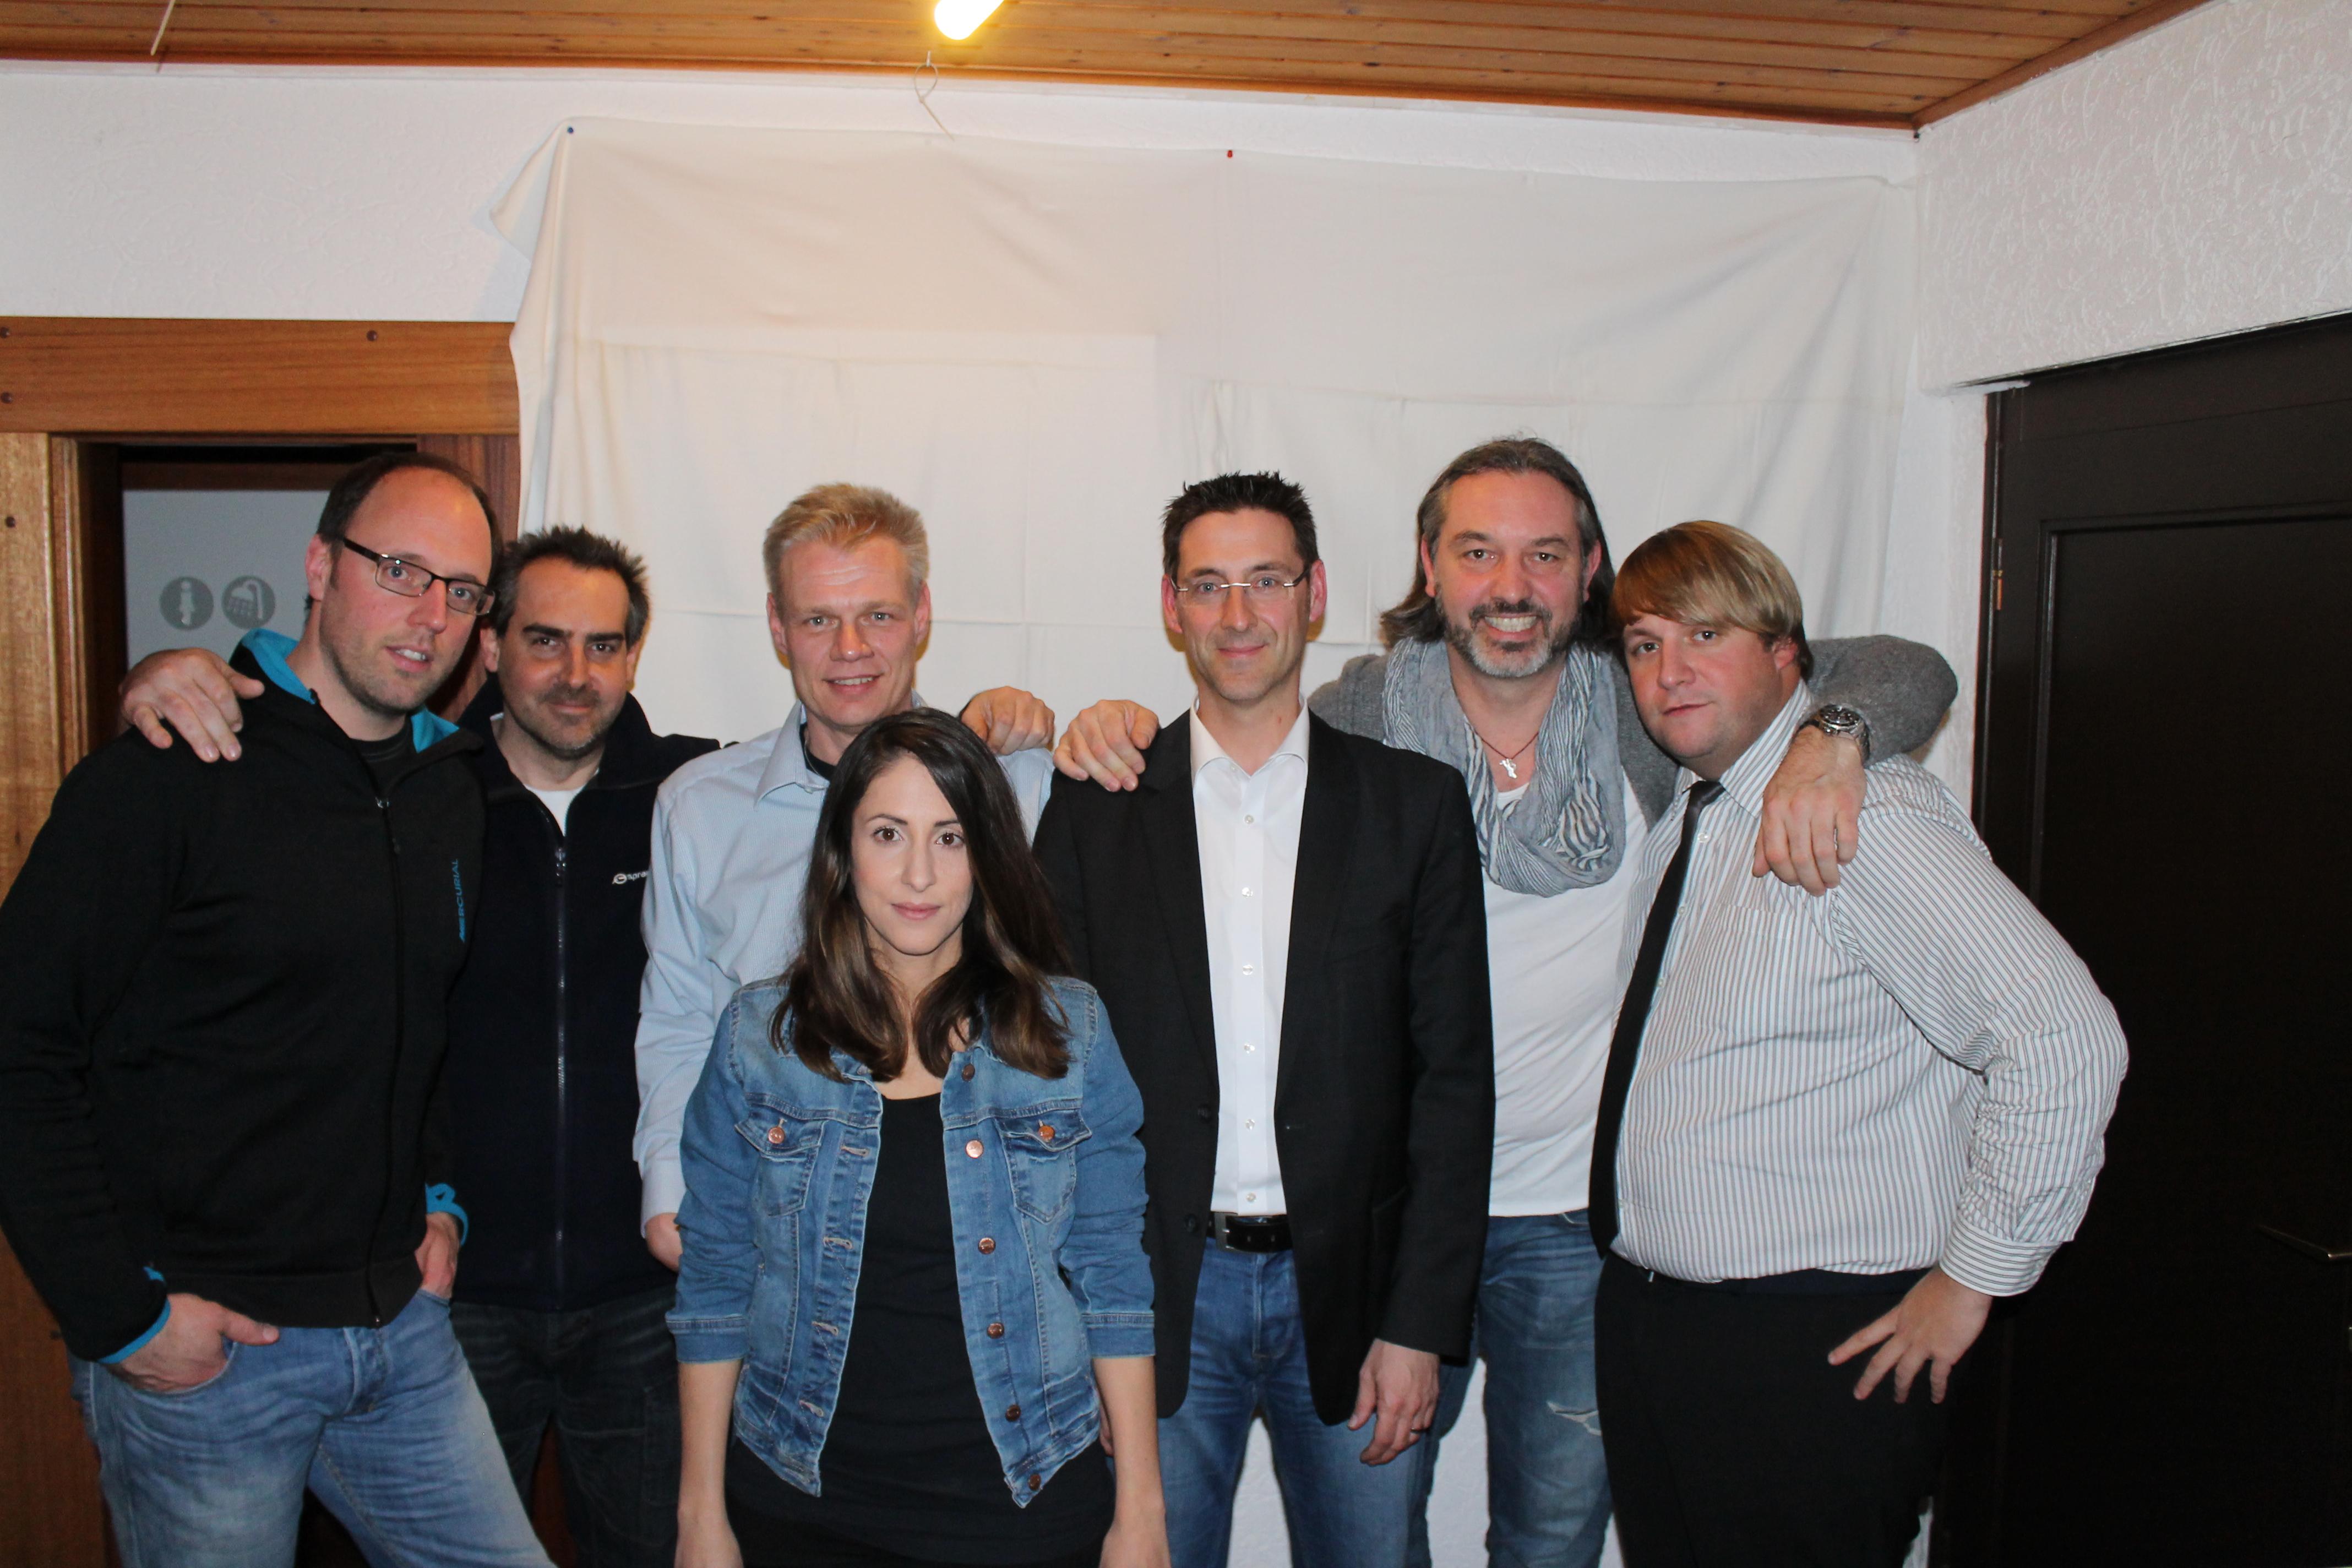 Der neue Vorstand des TCW: Daniel Stöhr, Patrick Lang, Michael Klippel, Tobias Brandt, Alexander Rentsch, Daniel Ruiz Martinez und Christina Josten